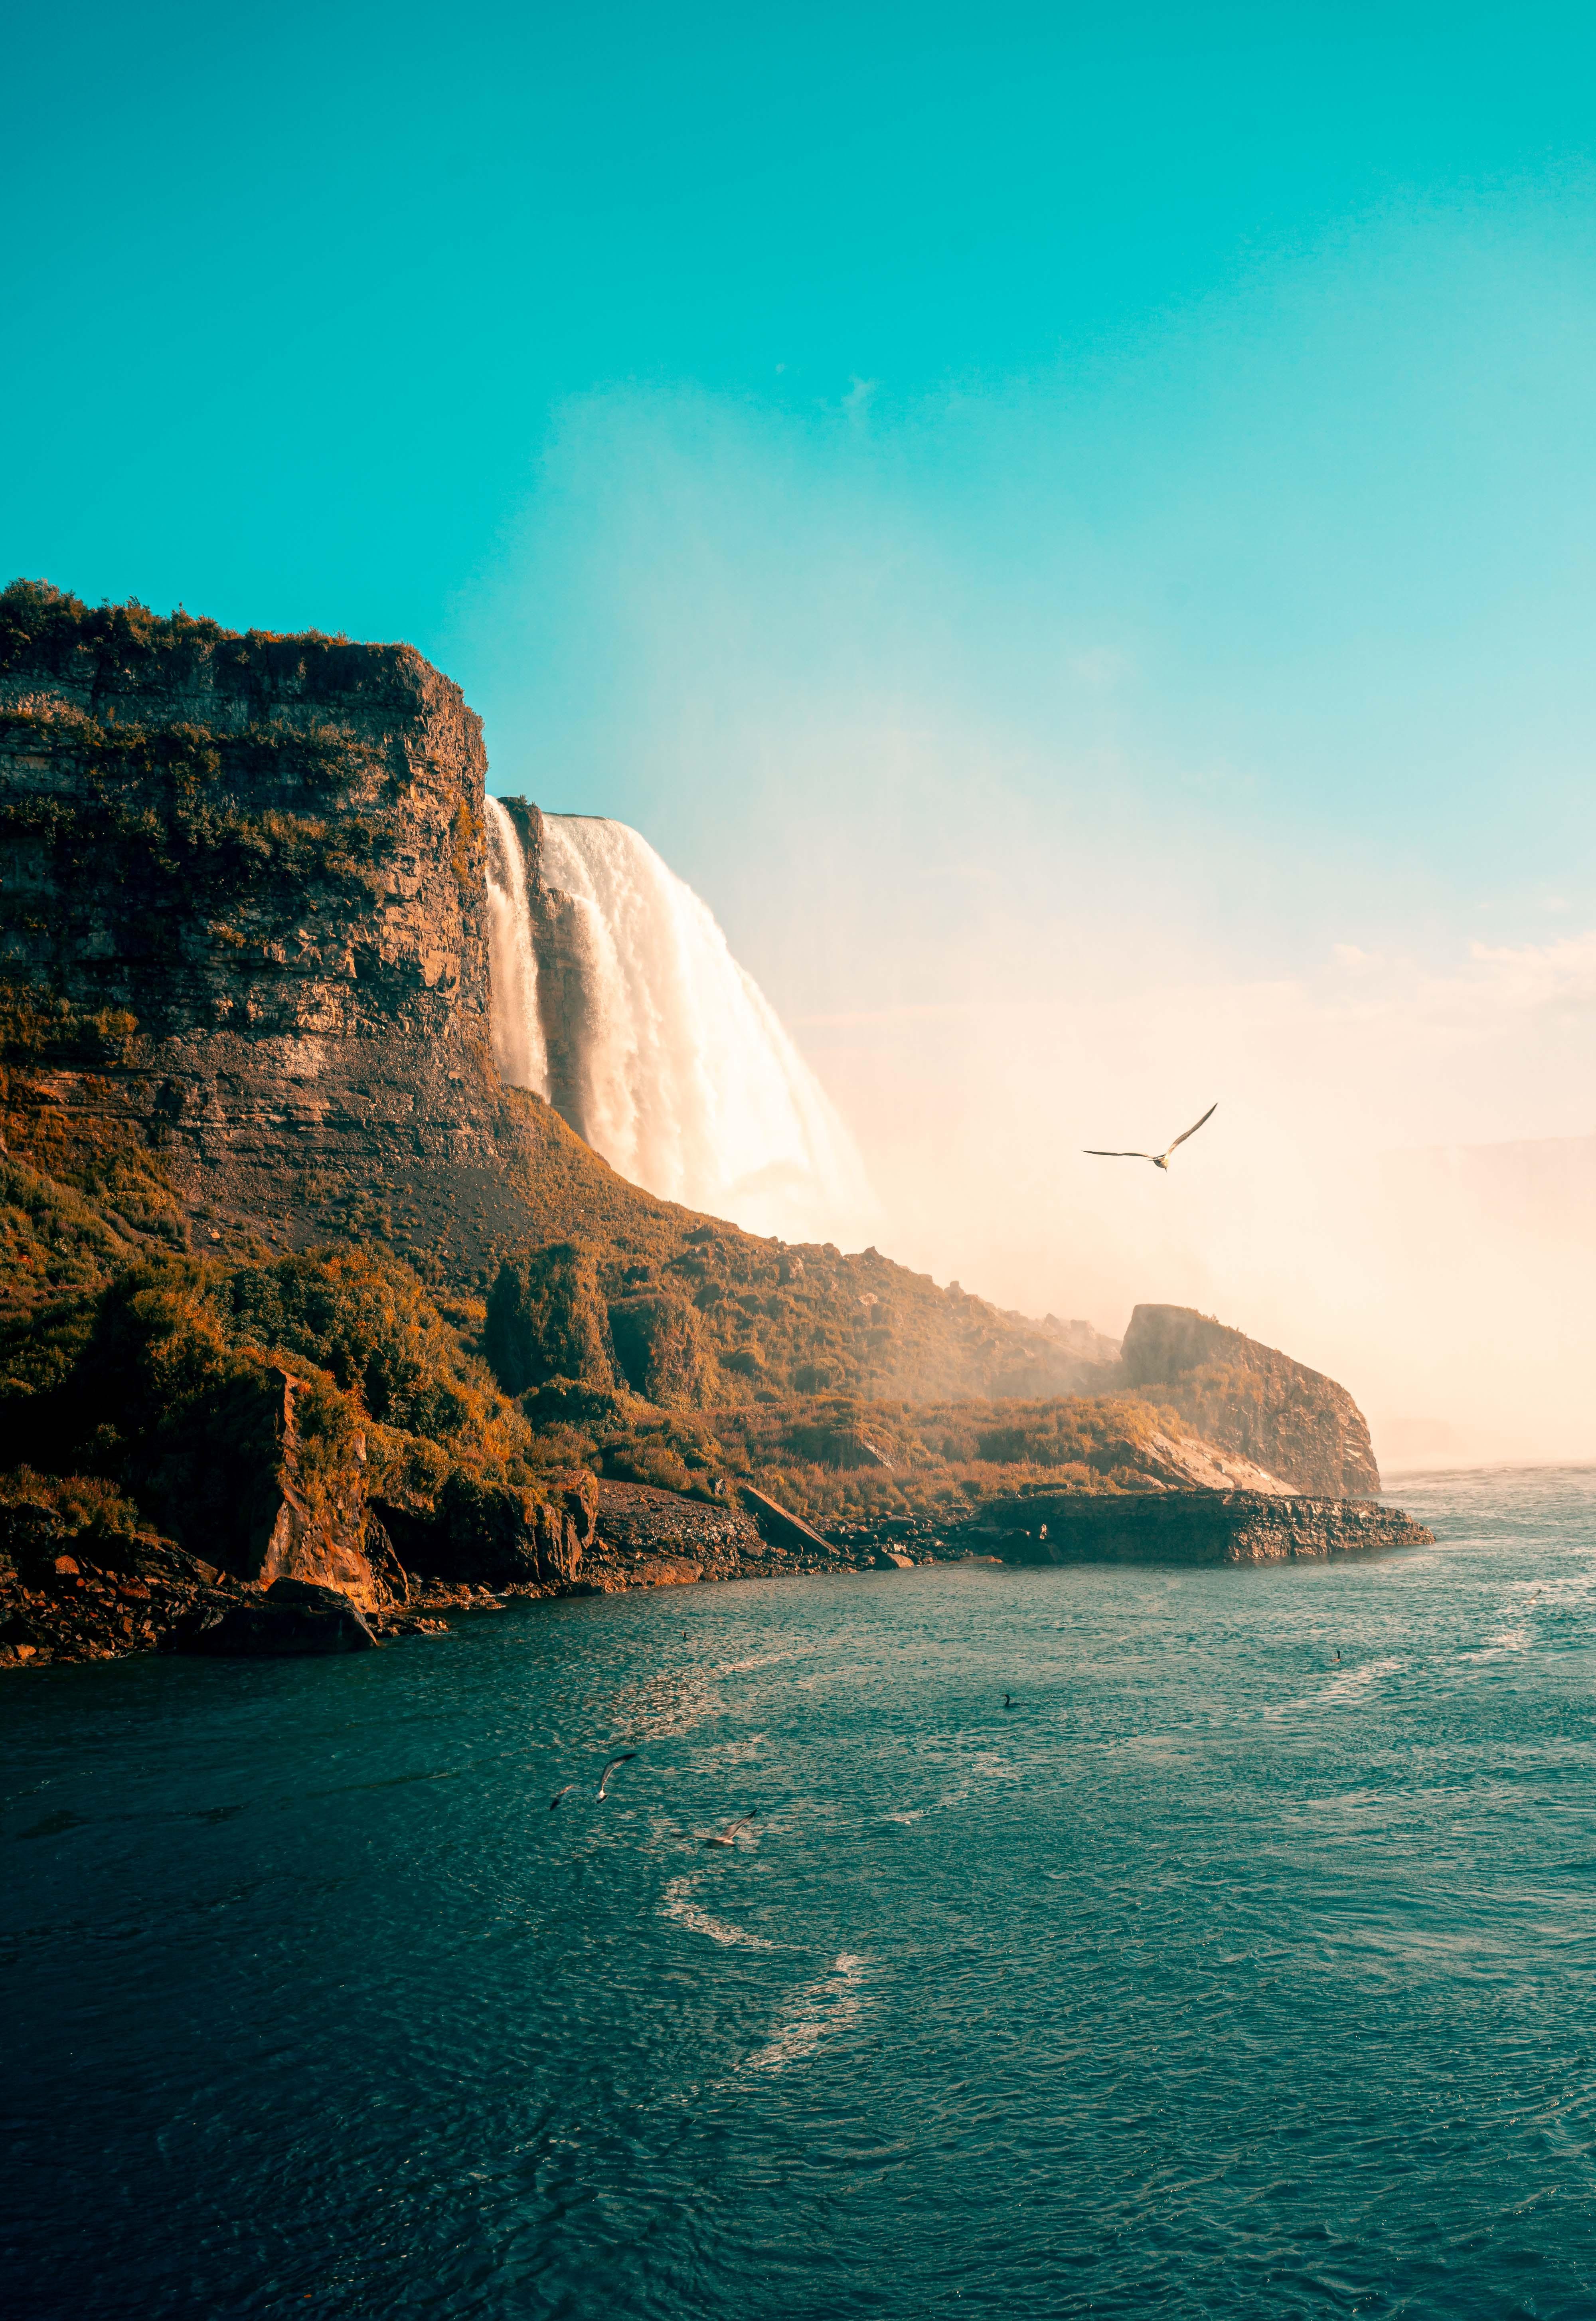 98813 скачать обои Природа, Птицы, Море, Скалы, Побережье, Водопад - заставки и картинки бесплатно